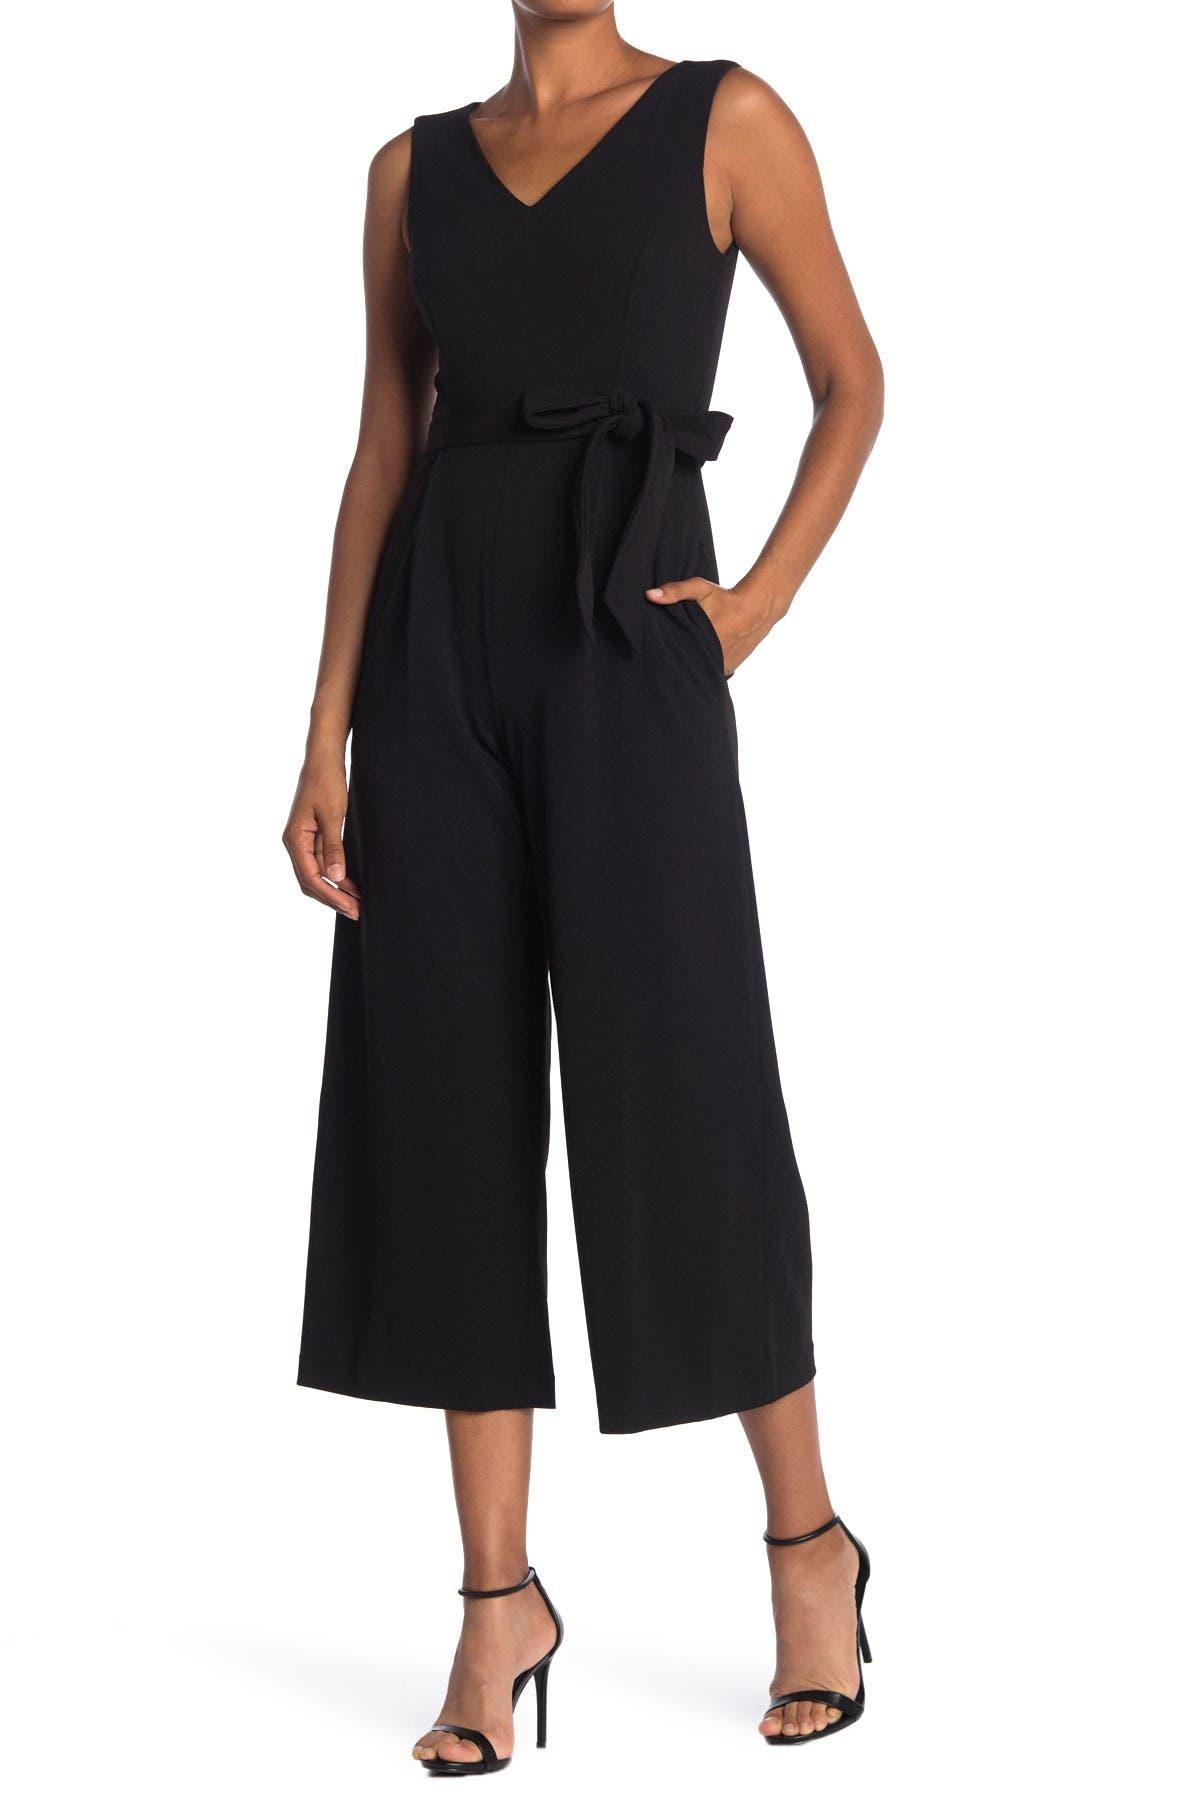 Image of Calvin Klein V-Neck Sleeveless Wide Leg Jumpsuit